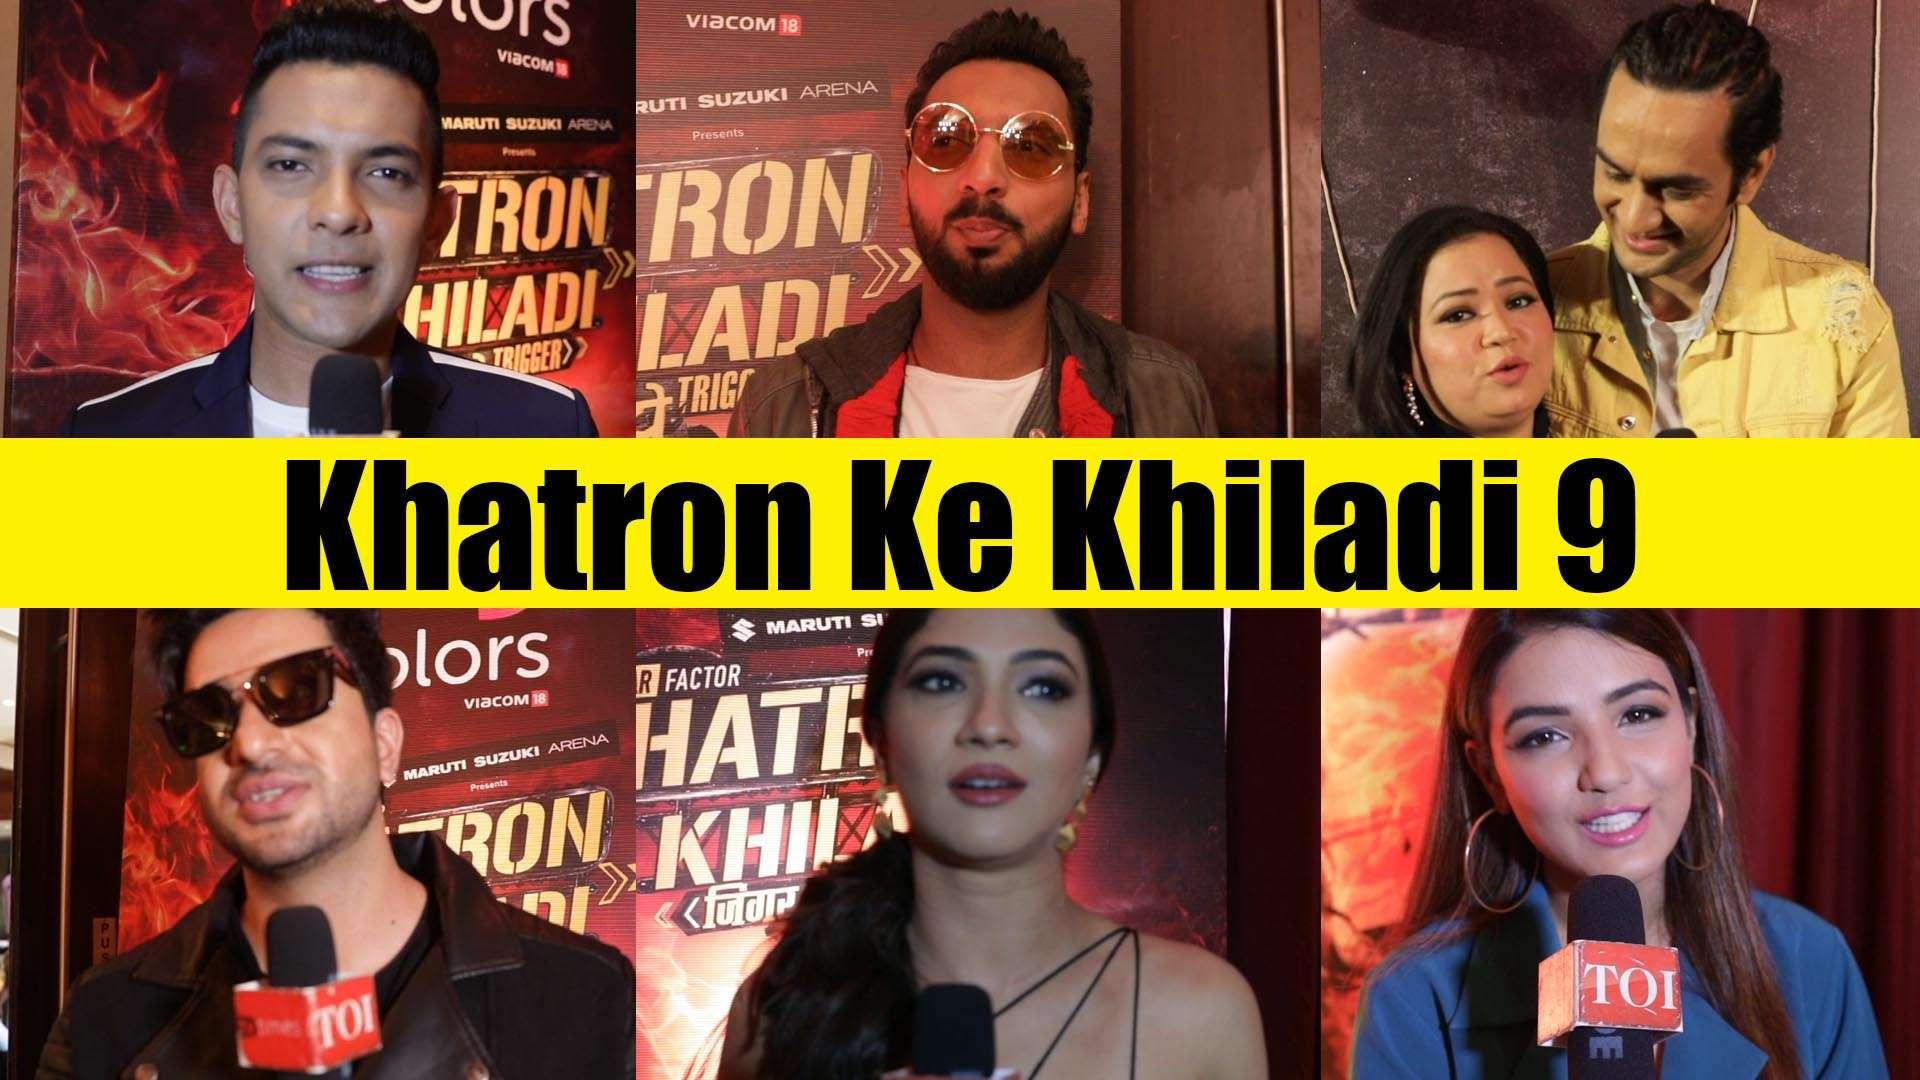 Bharti Singh, Vikas Gupta, Jasmine Bhasin and others talk about Khatron Ke  Khiladi 9